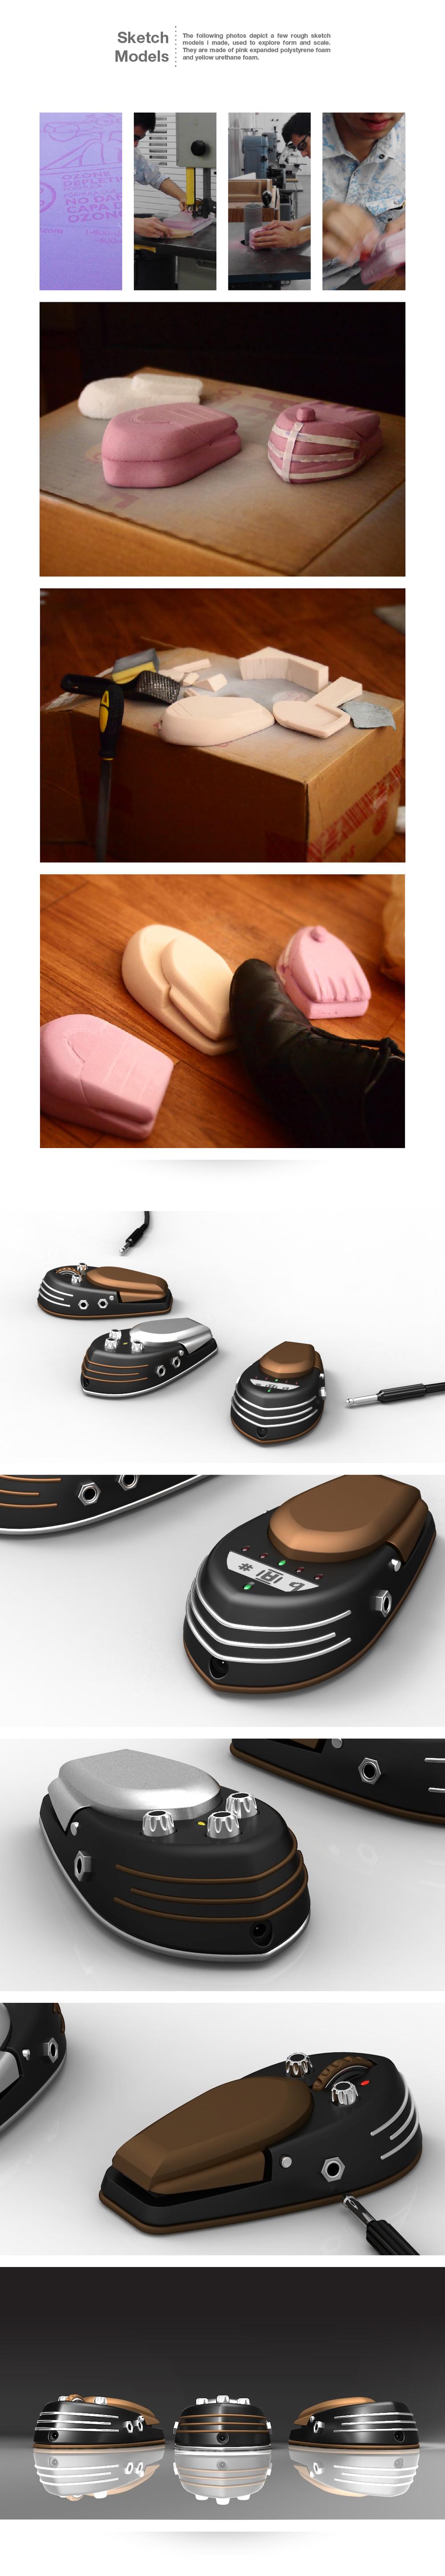 Guitar Pedals 2-01.jpg